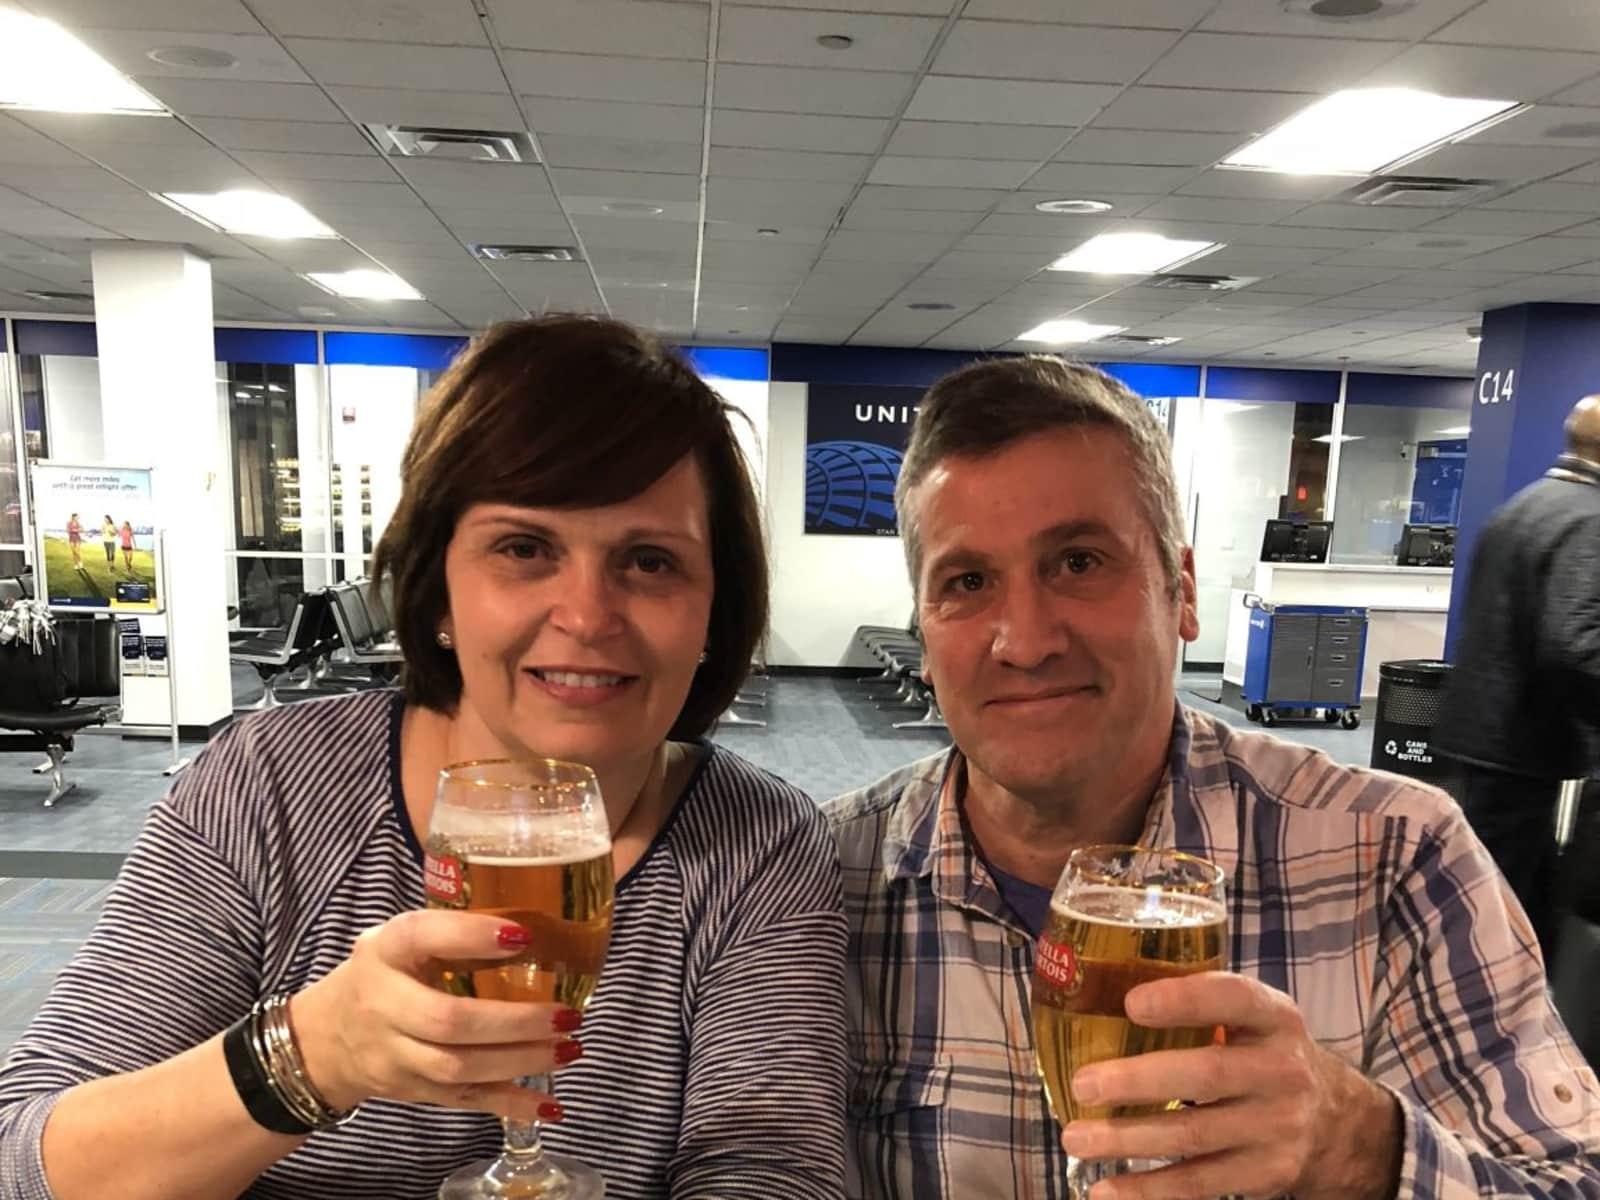 Jerry & Melissa from Valletta, Malta